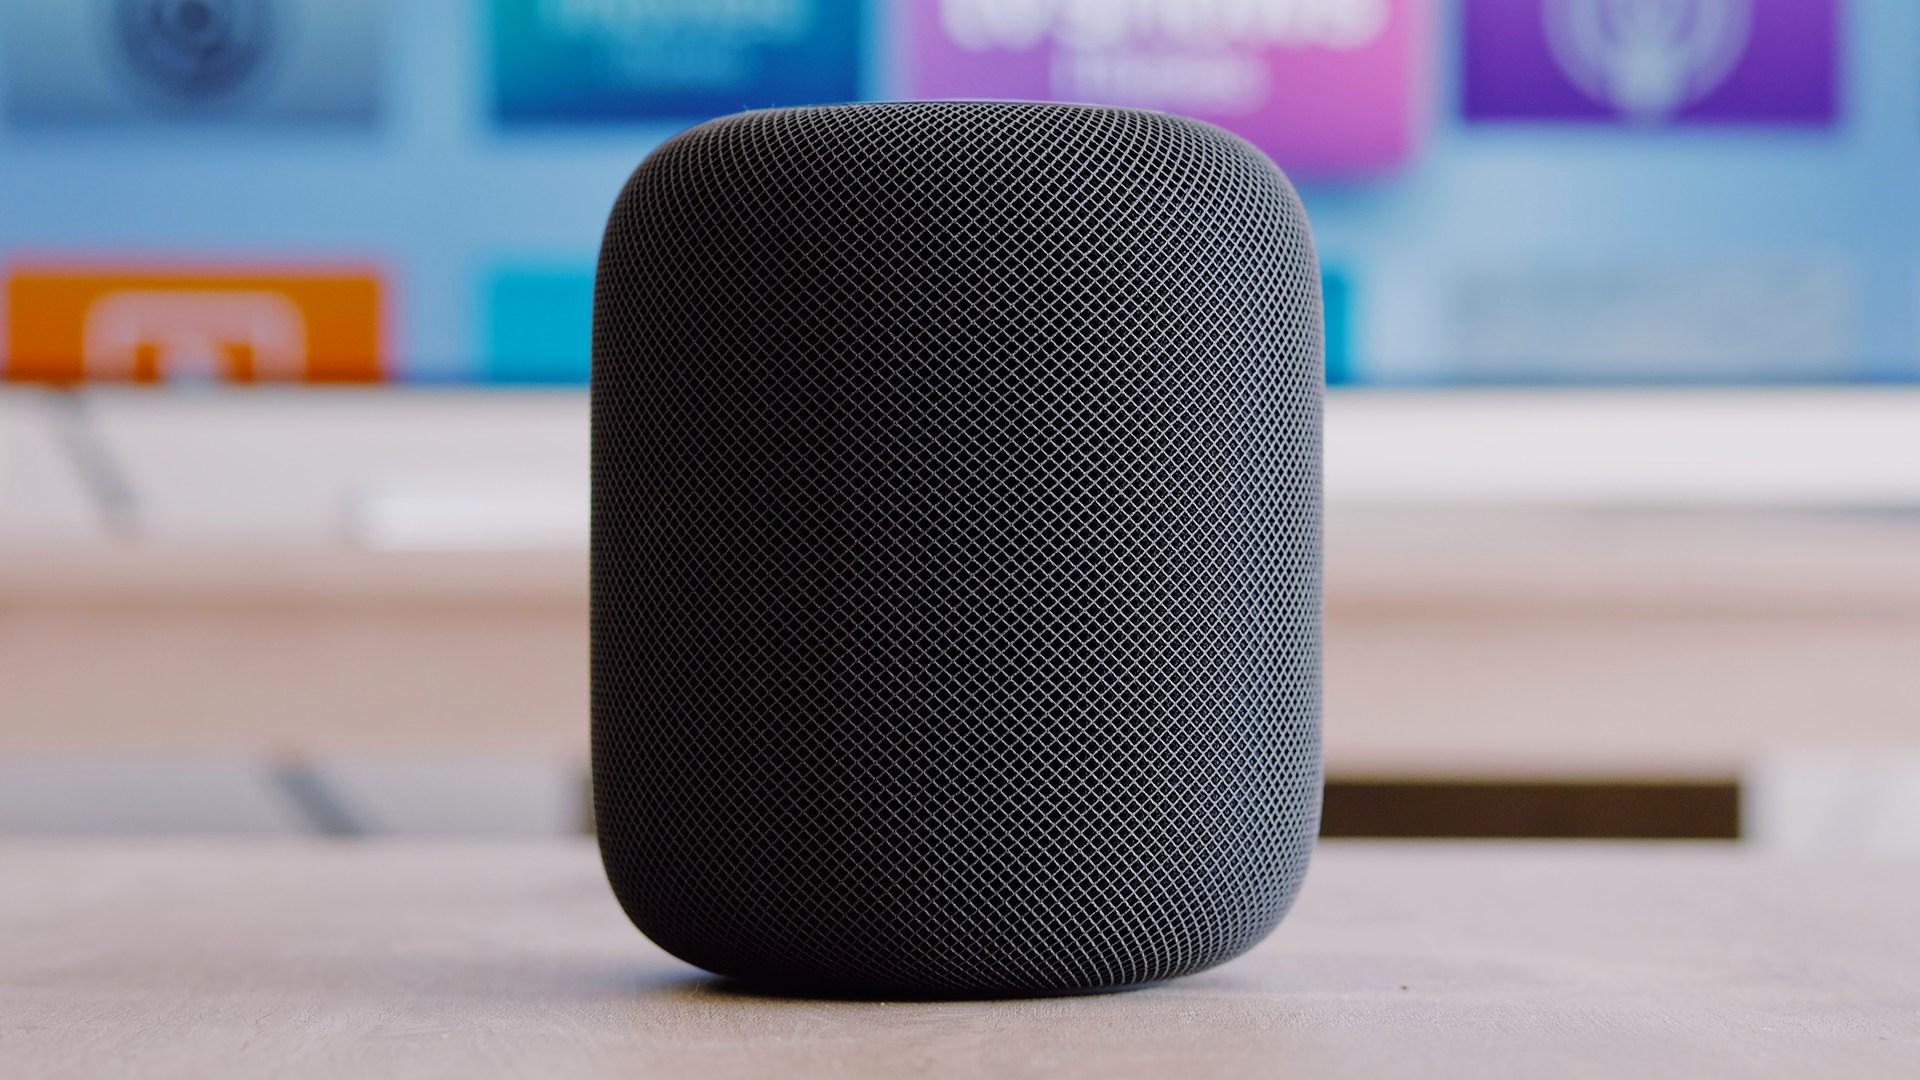 Apple, Audio, Lautsprecher, speaker, Homepod, Apple HomePod, Smart-Speaker, WLAN-Speaker